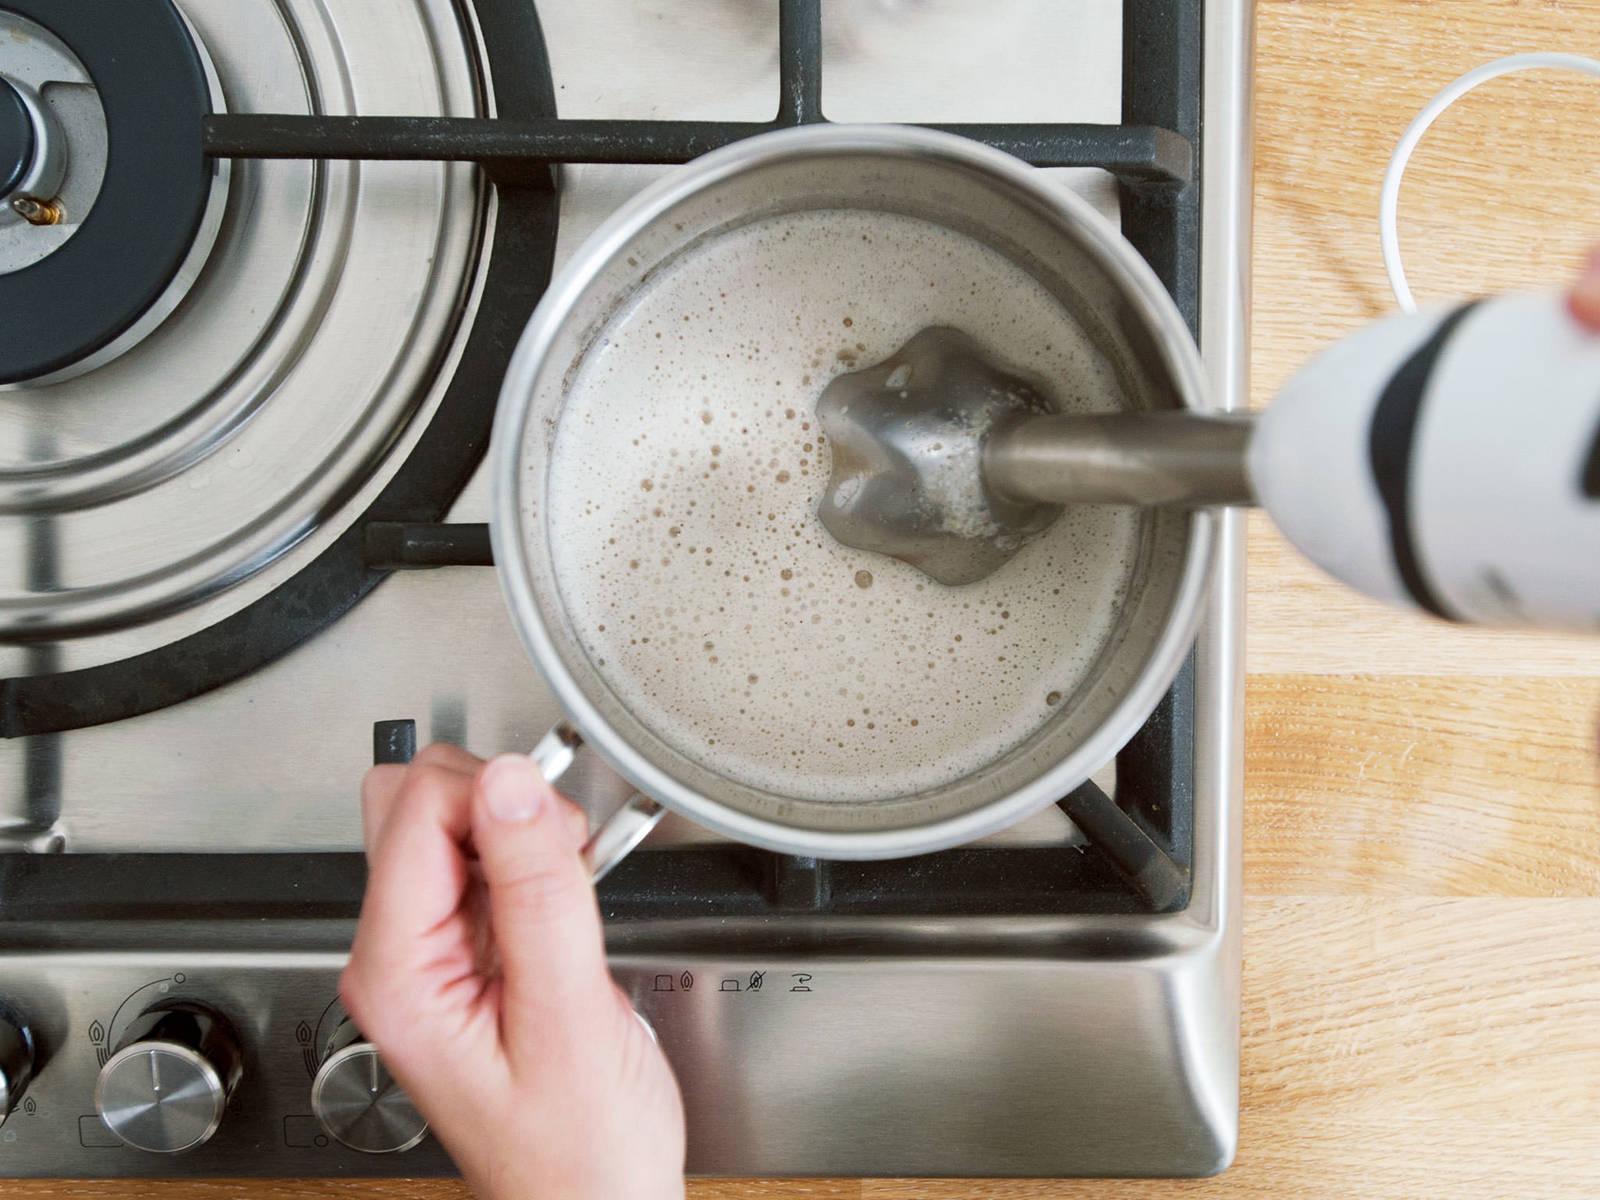 Alle Zutaten bis auf den Matcha und das Wasser in einen kleinen Topf geben. Mit einem Stabmixer gut vermengen, bis eine glatte Masse entsteht. Auf niedriger Stufe erhitzen. Noch einmal alles durchmixen und danach vom Herd nehmen.